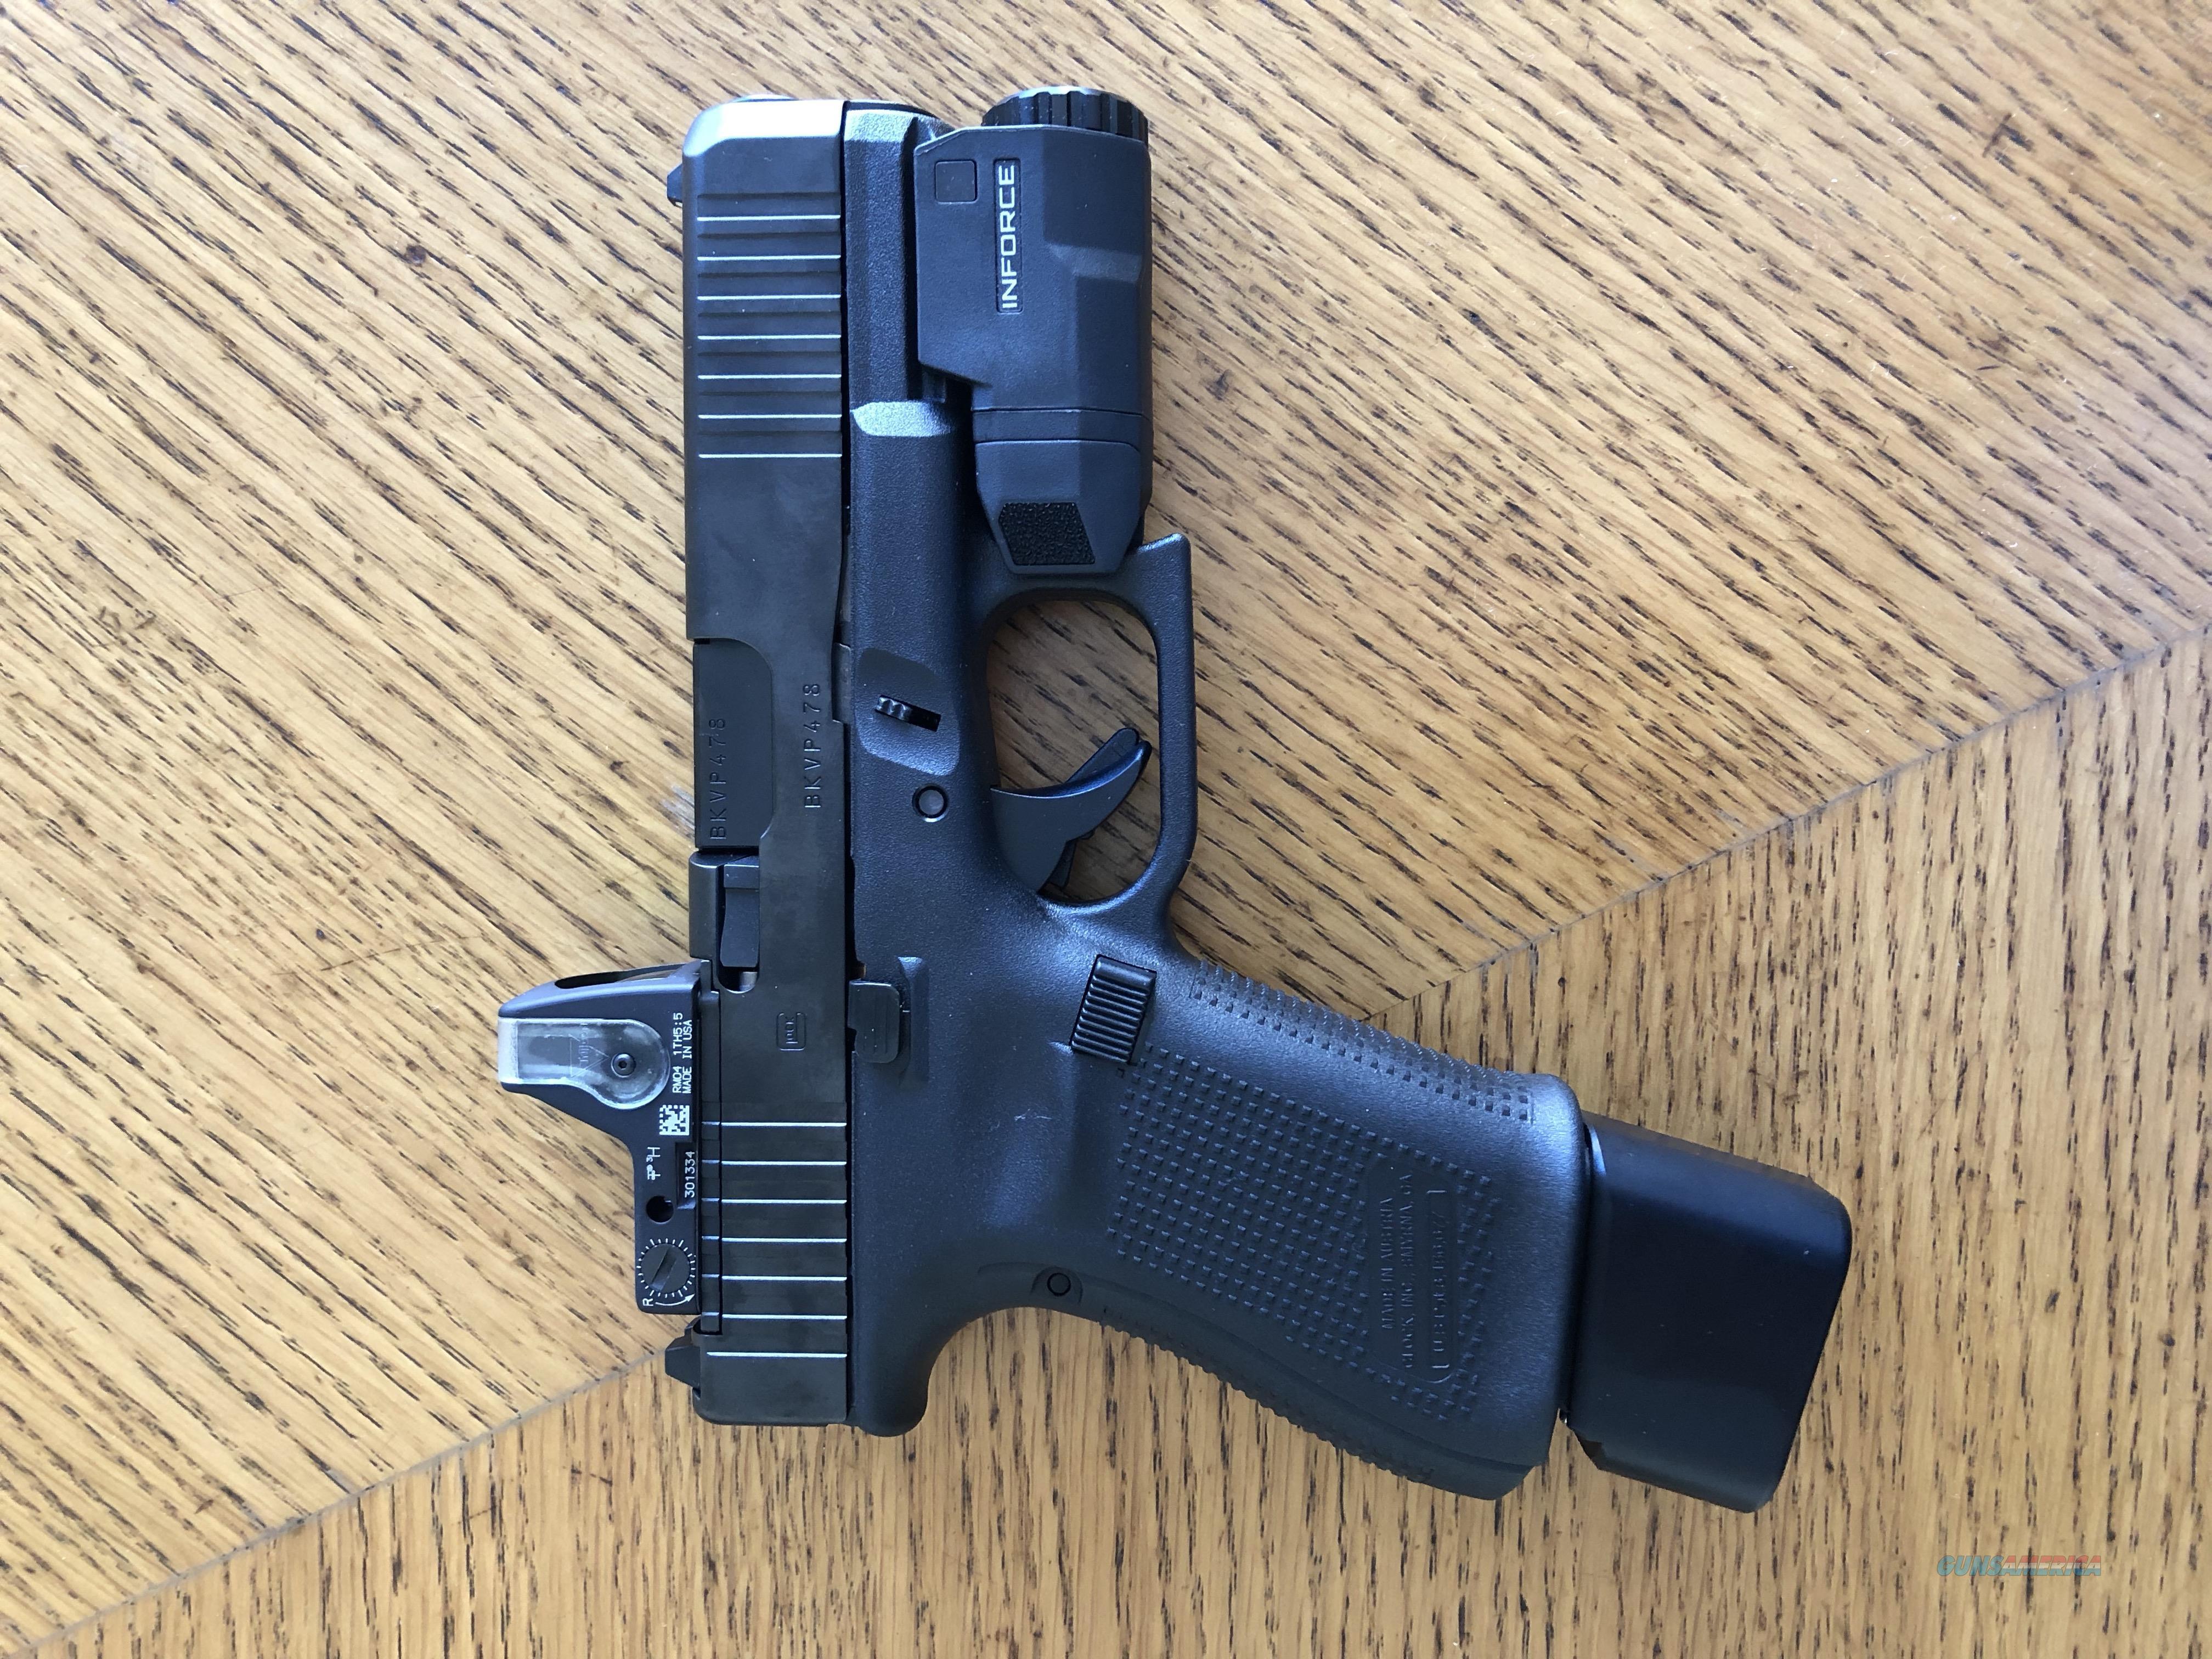 Glock 19 Gen5 MOS FS w/ Trijicon RMR